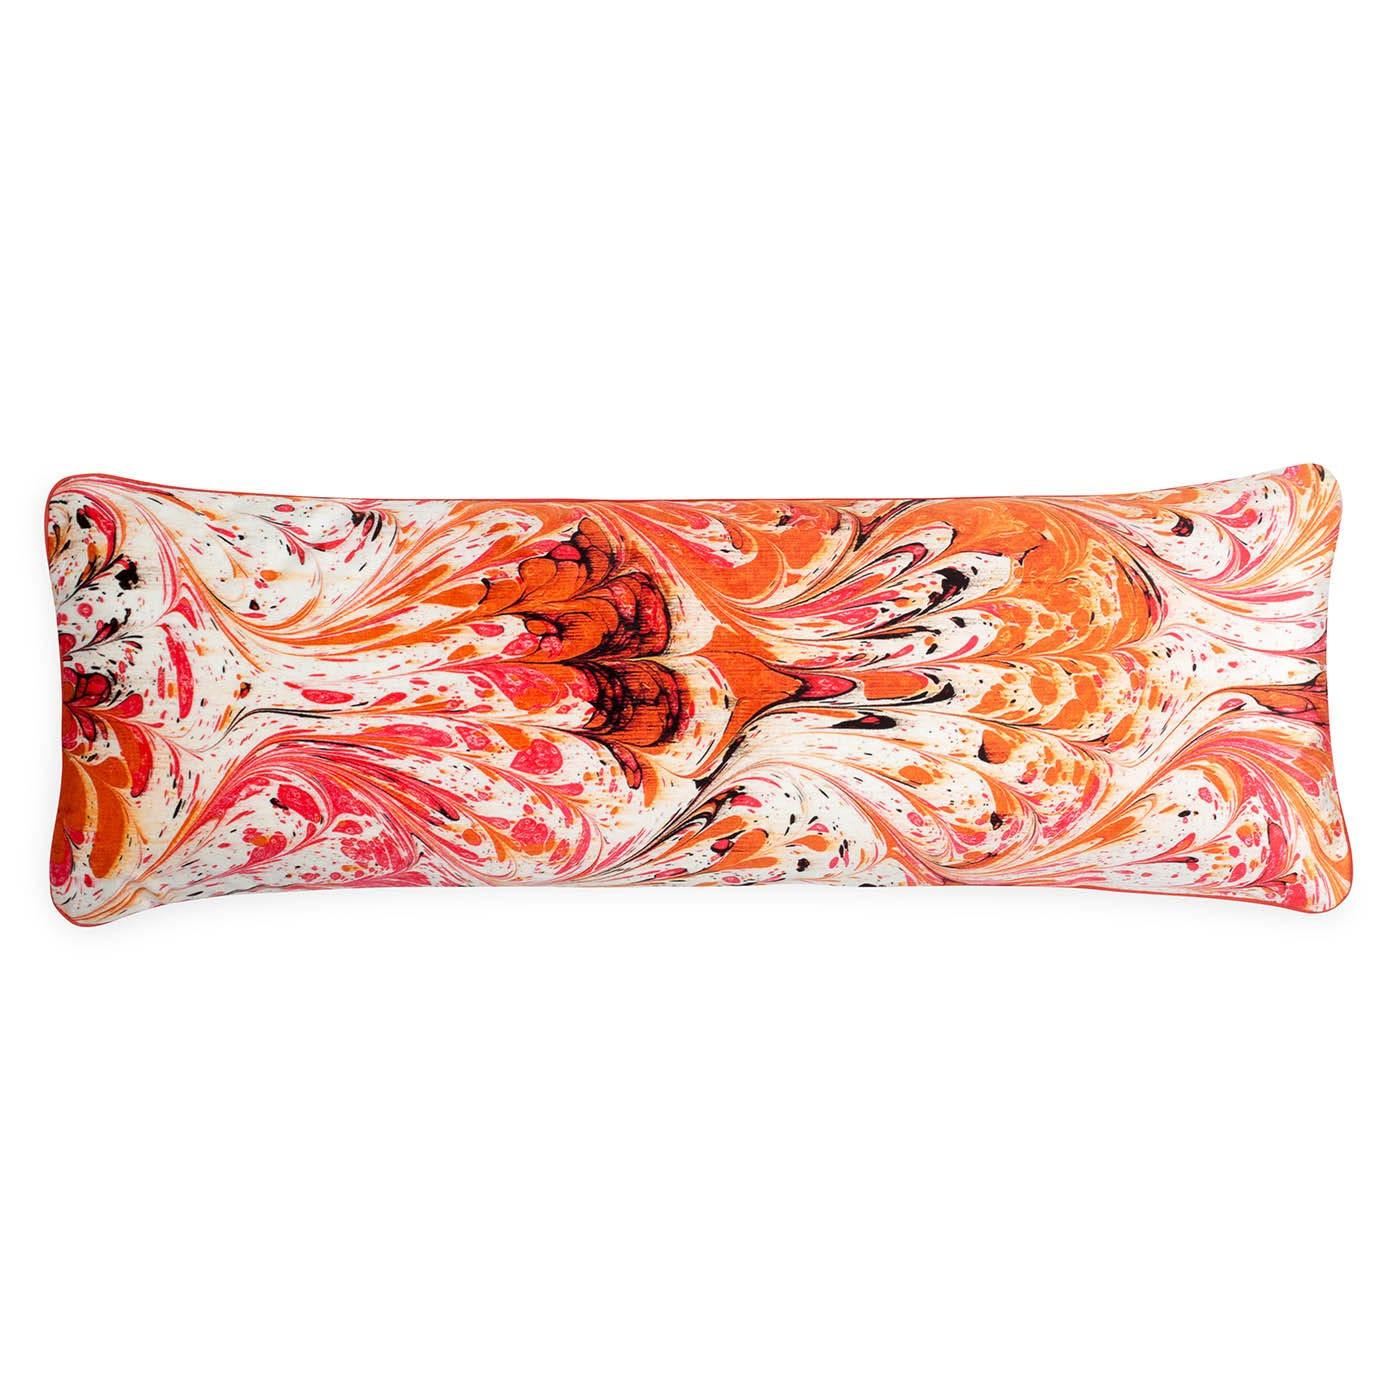 Marble Velvet Bolster Cushion